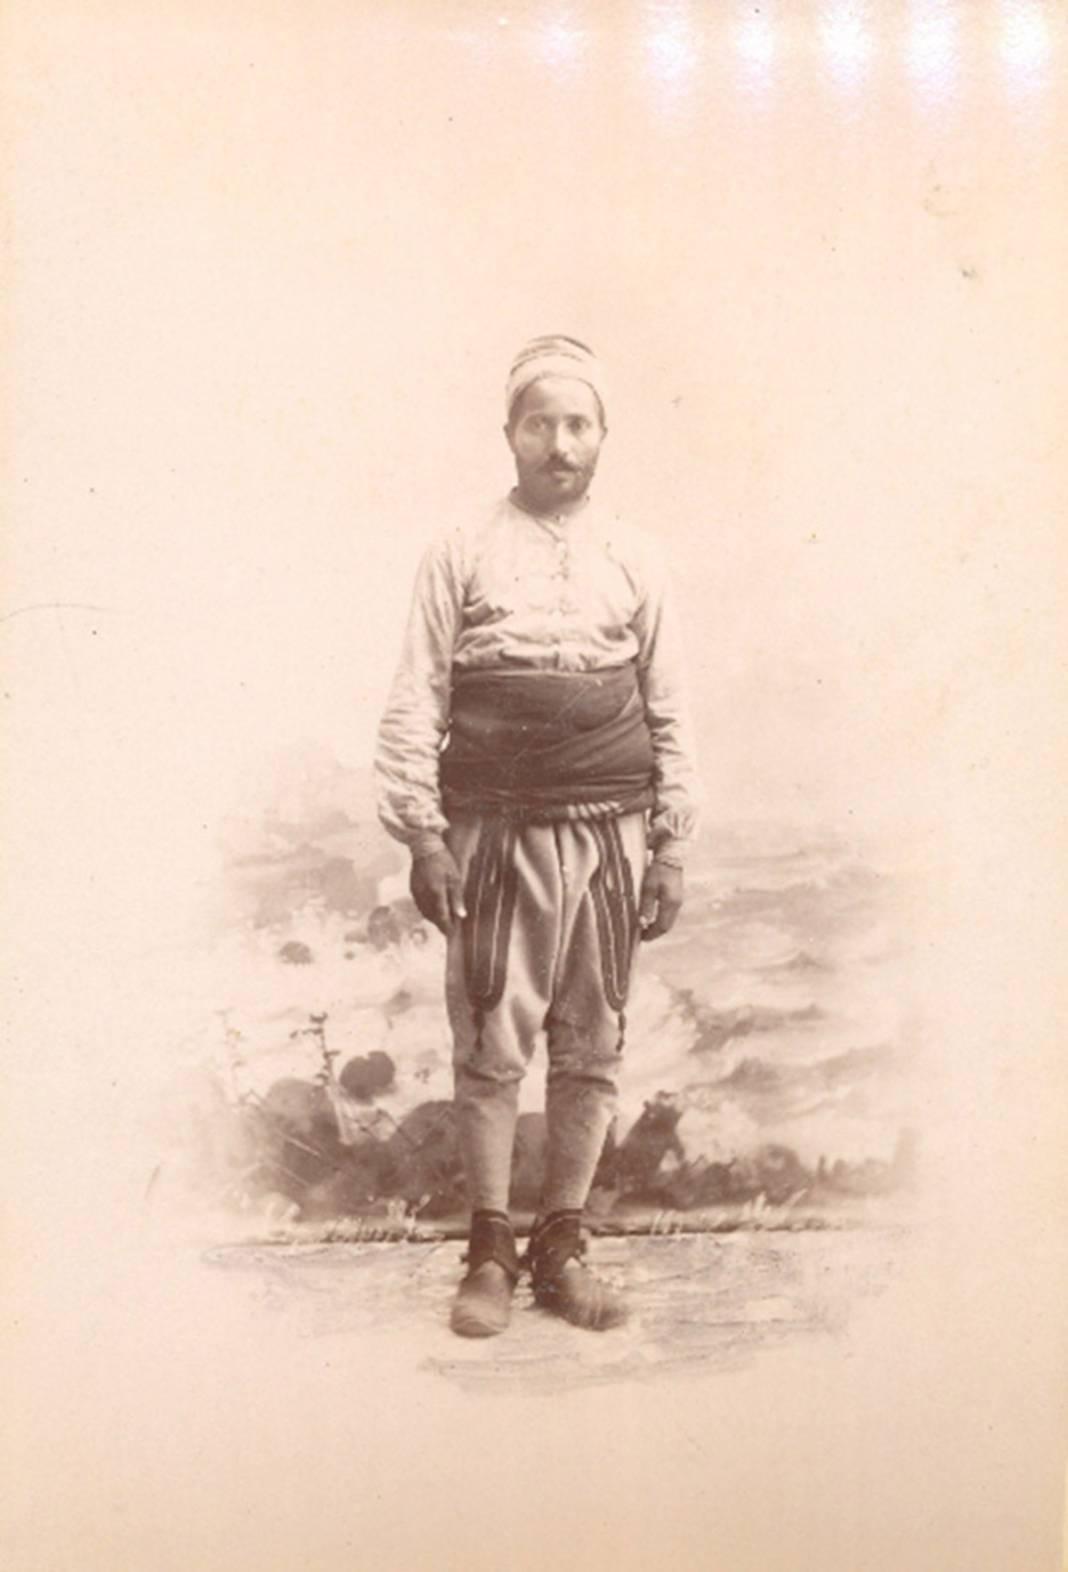 İşte Dobruca'da yaşayan Türklerin tarihine ışık tutacak kareler 18